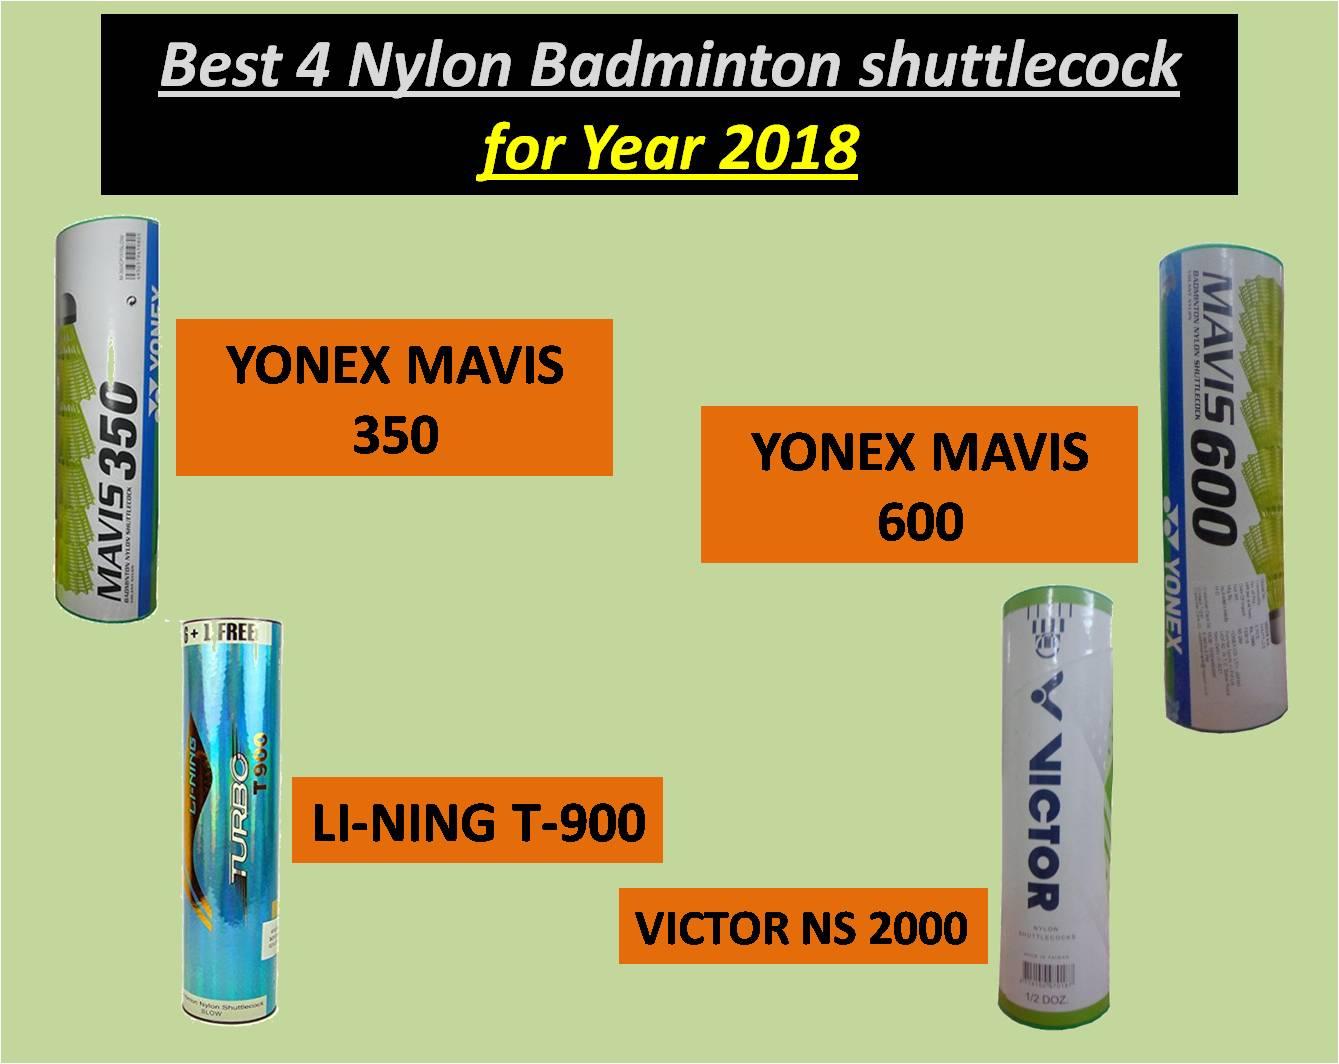 Best 4 Nylon Badminton shuttlecock for Year 2018